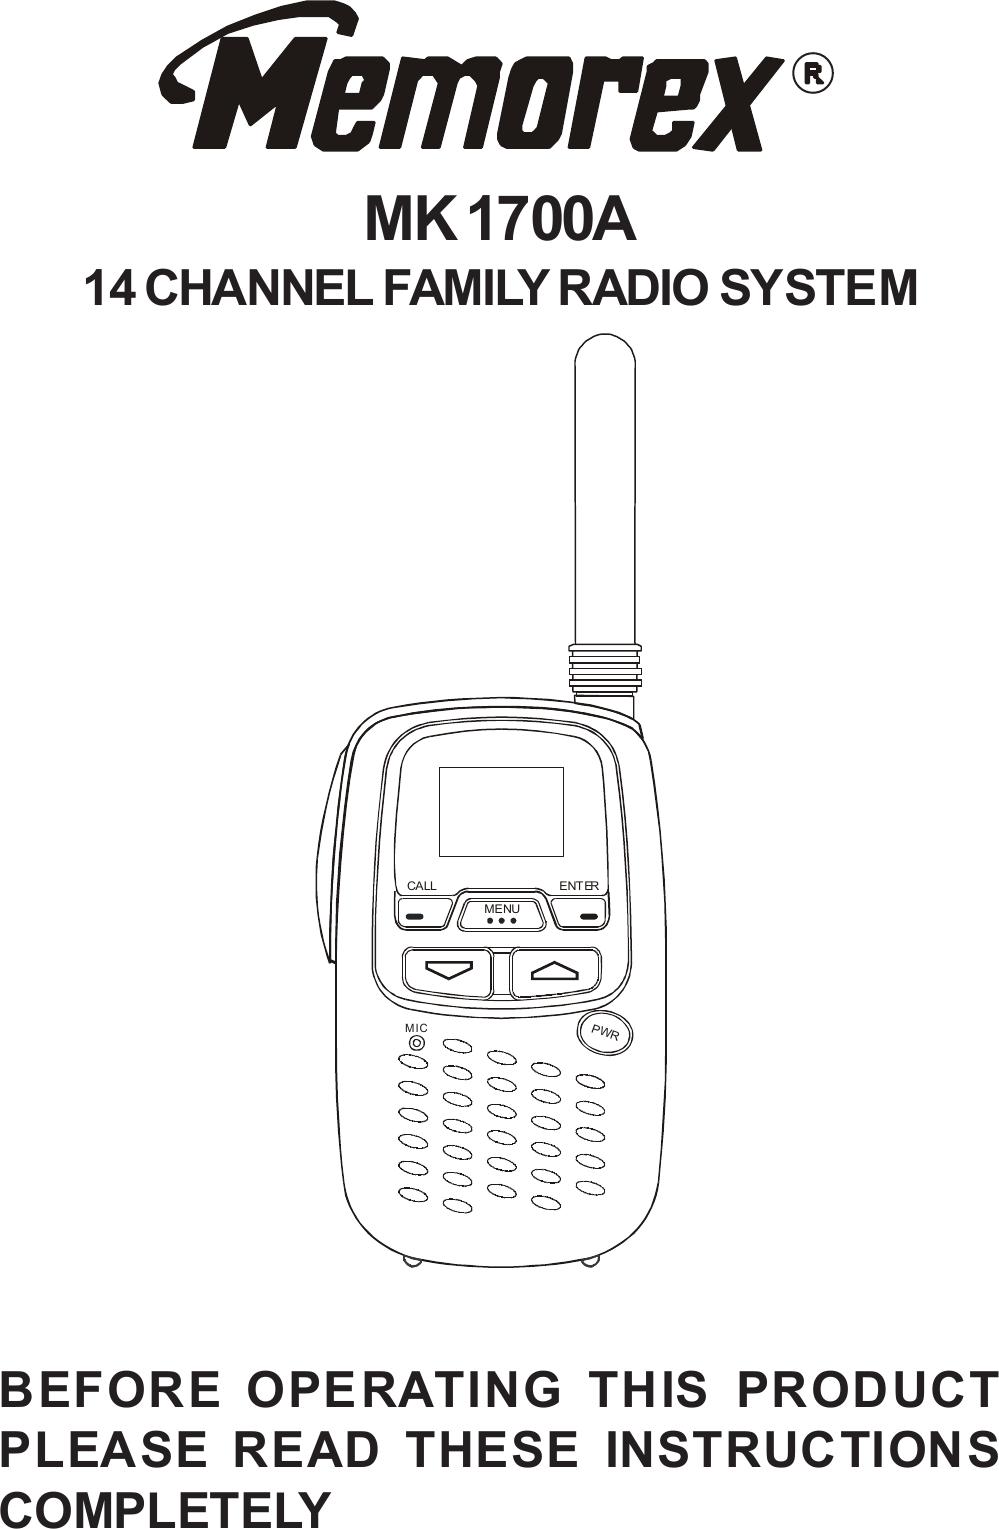 Memorex Mk1700A Users Manual